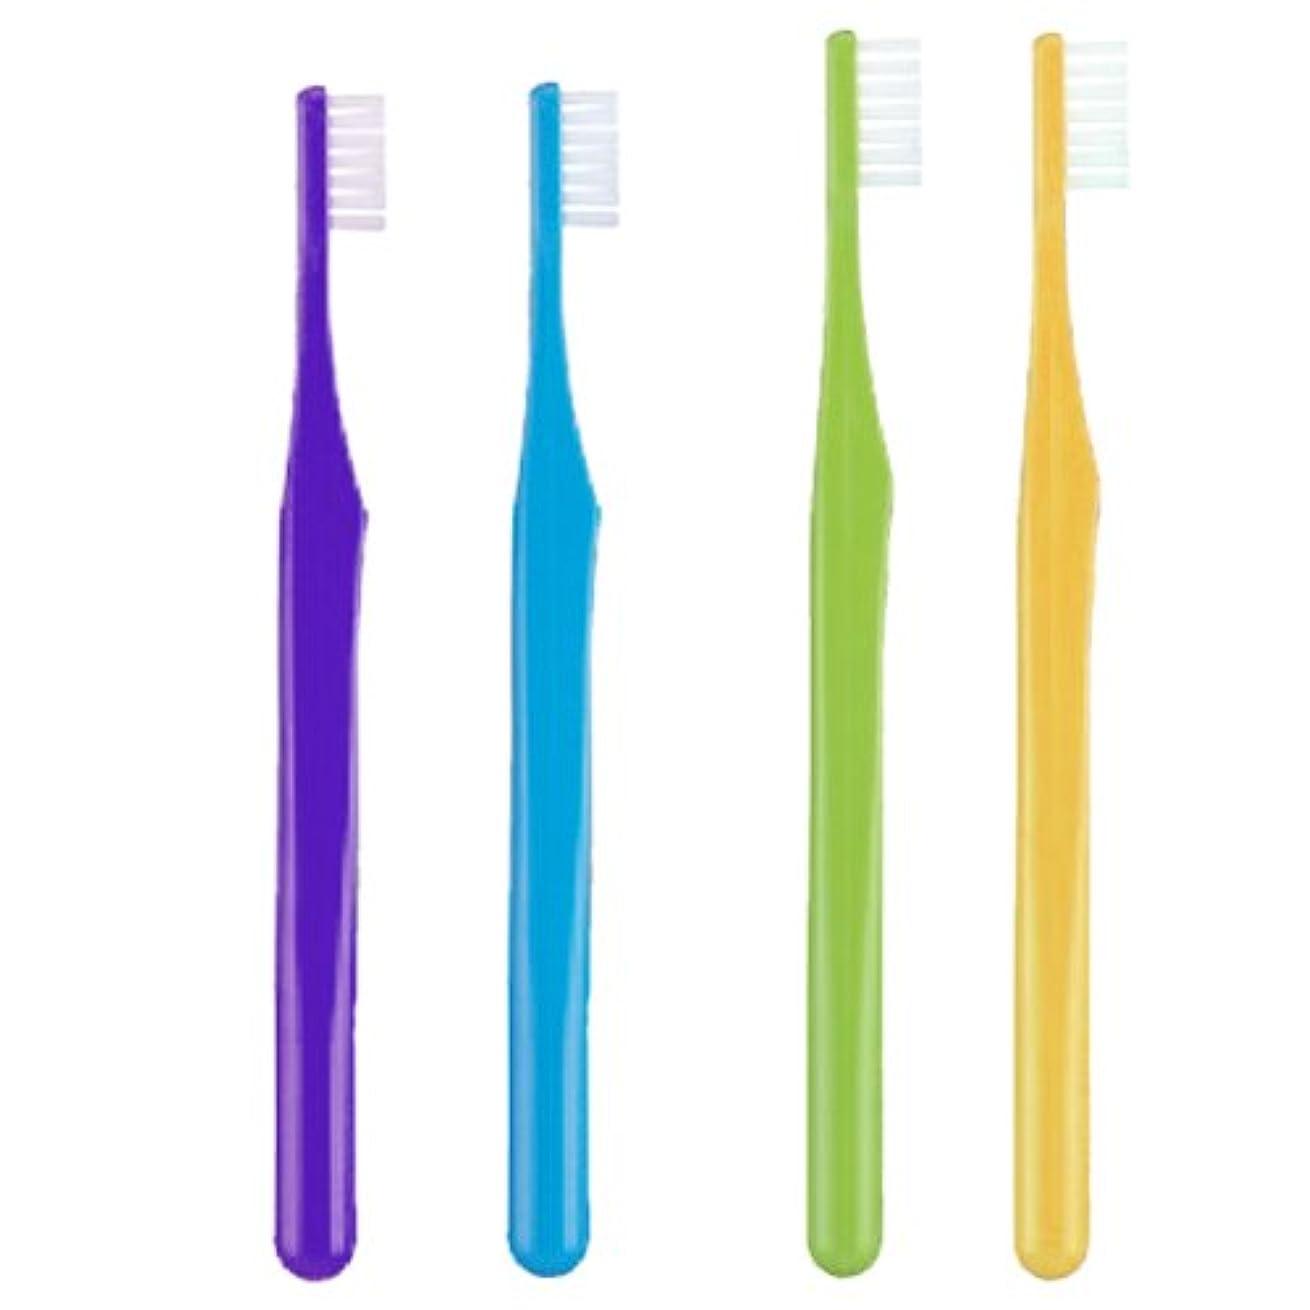 細菌を除く肉屋プロスペックプラス歯ブラシ1本タイニー/スモール (スモール)